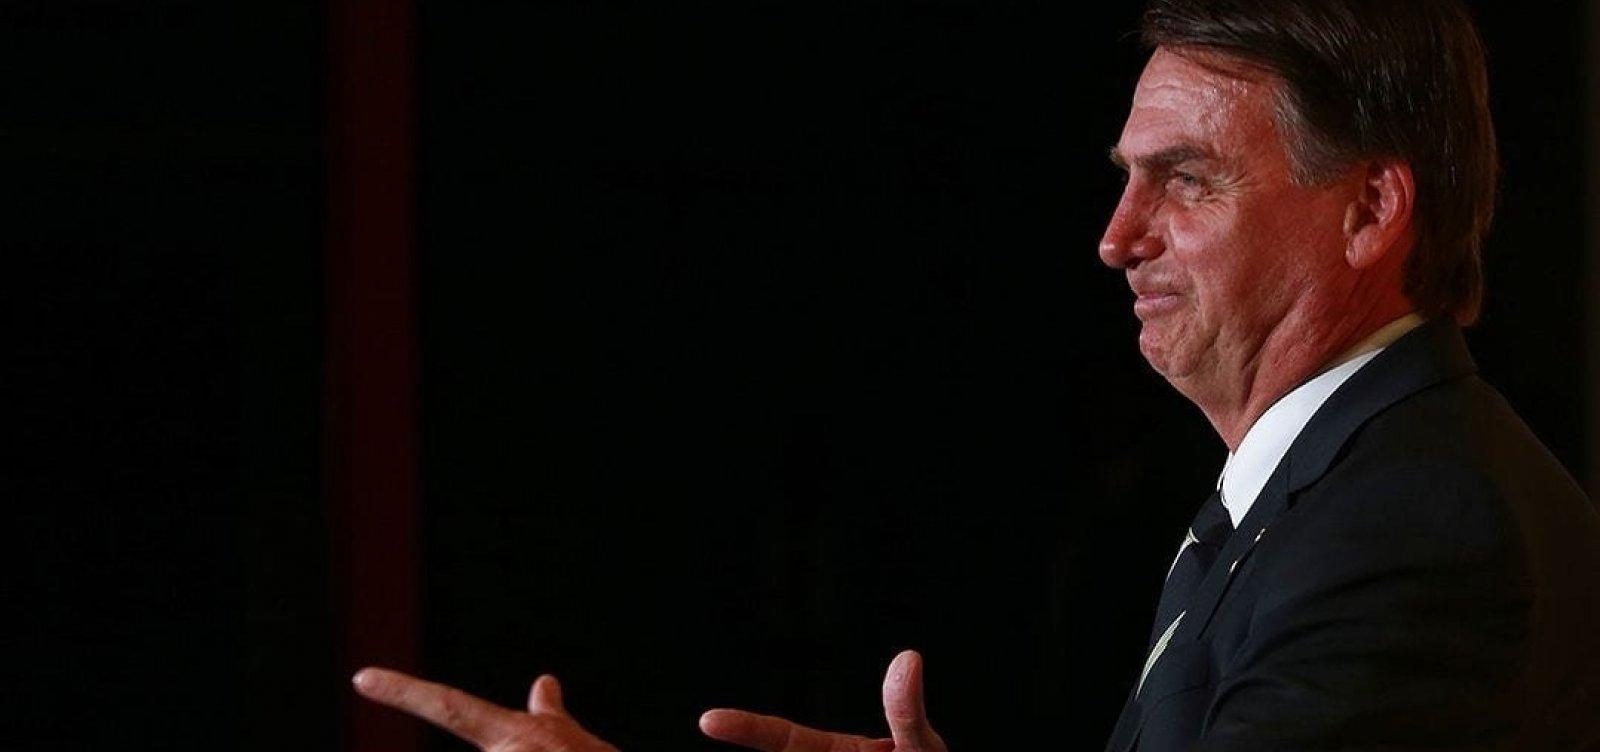 Entidades e especialistas se movimentarão contra decreto pró-armas de Bolsonaro, diz coluna